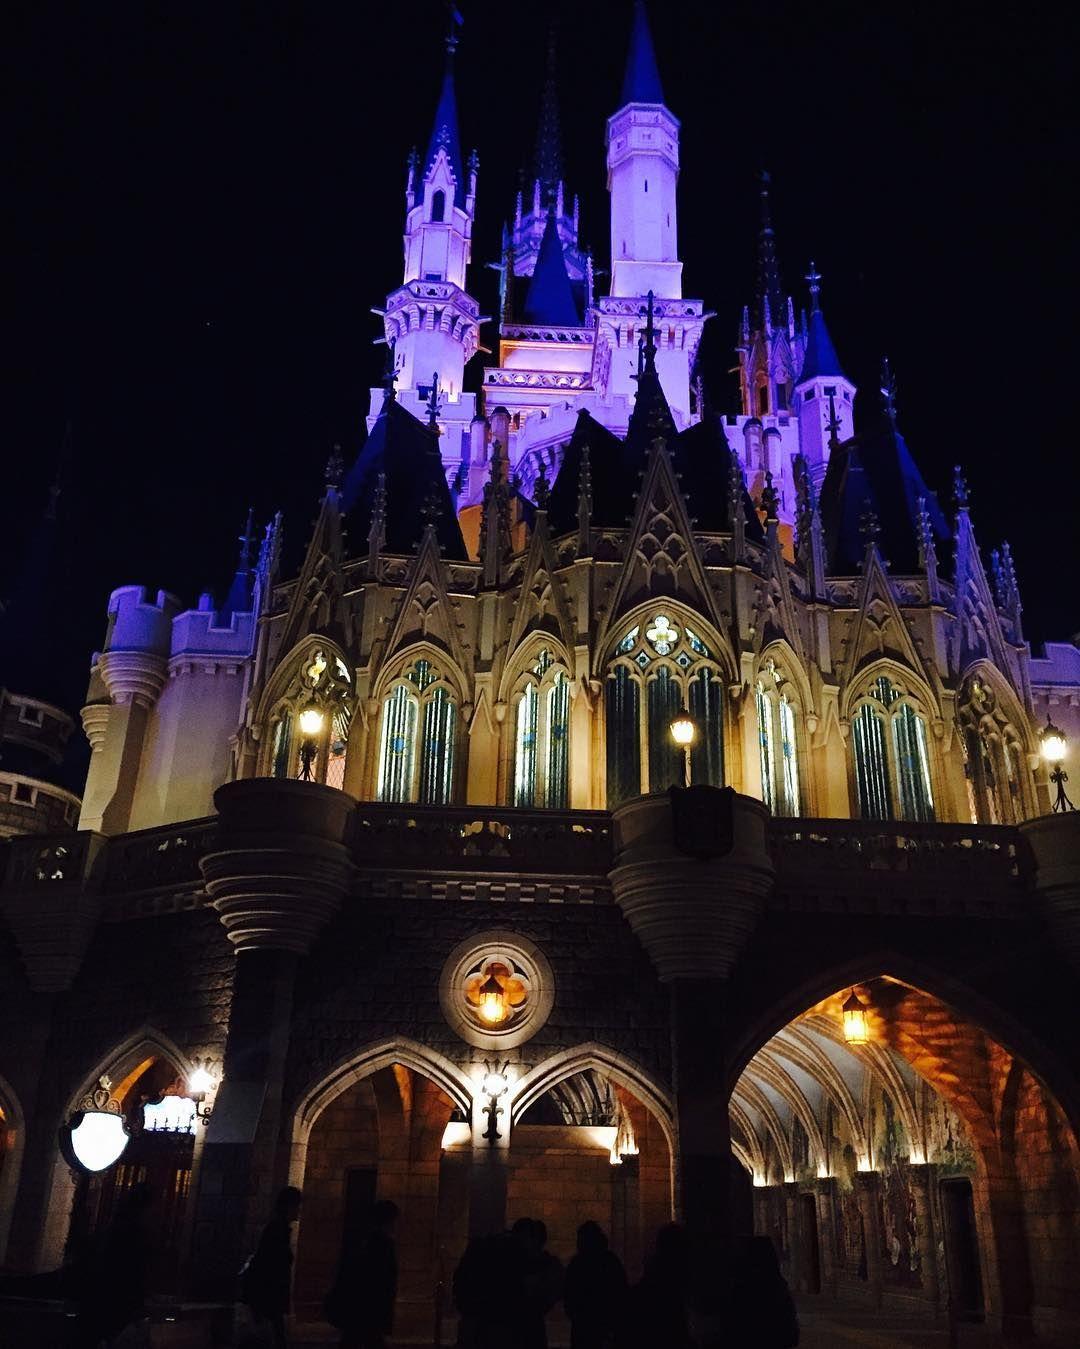 #일본#디즈니랜드#신데렐라성# by 000.03.13_